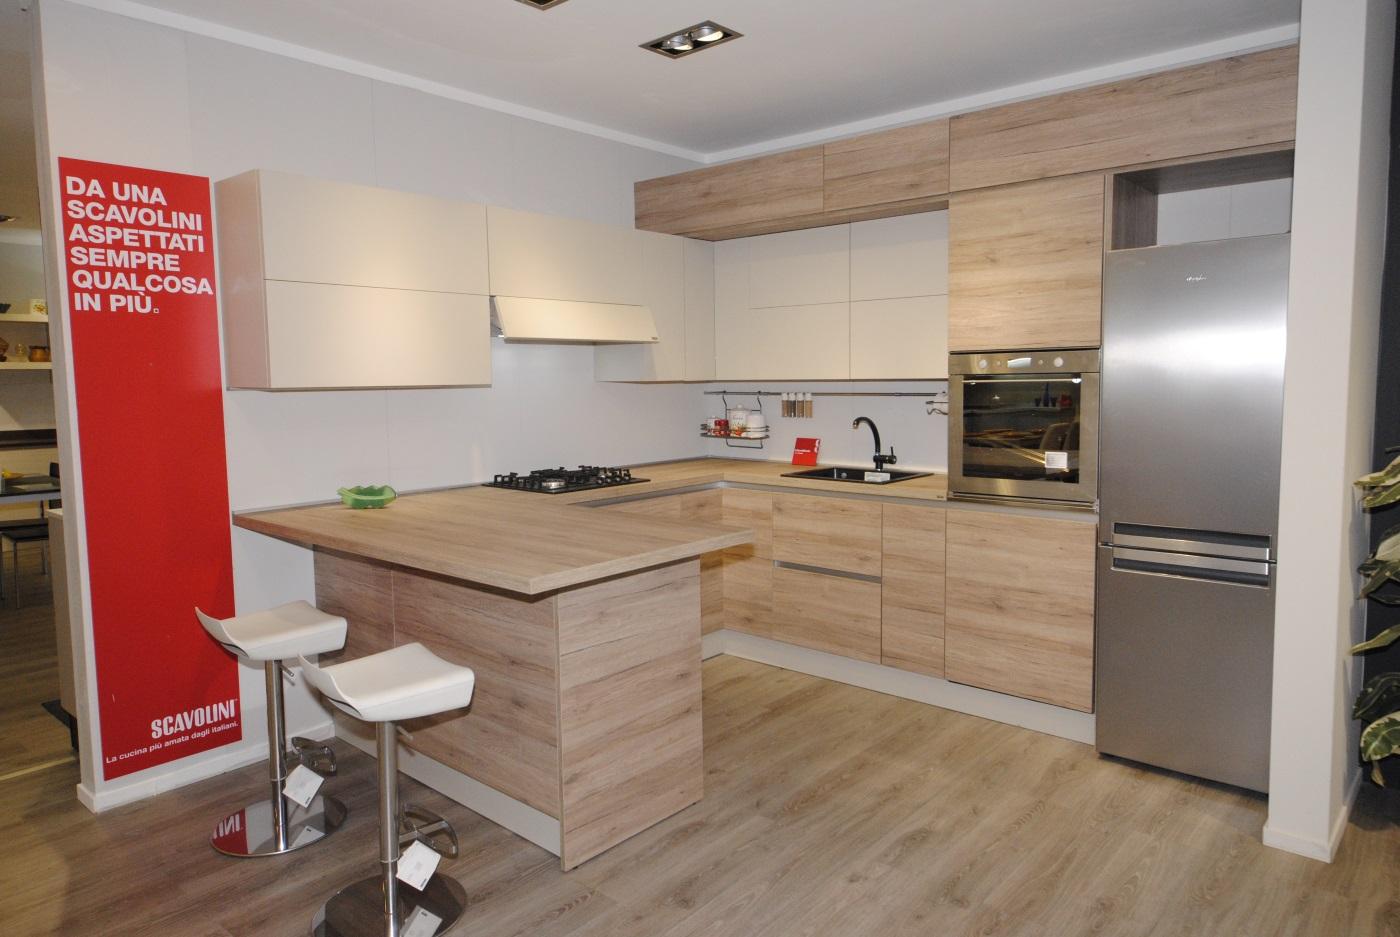 Offerta cucina scavolini modello liberamente decorativo e laccato opaco san gaetano arredamenti - Costo cucine scavolini ...